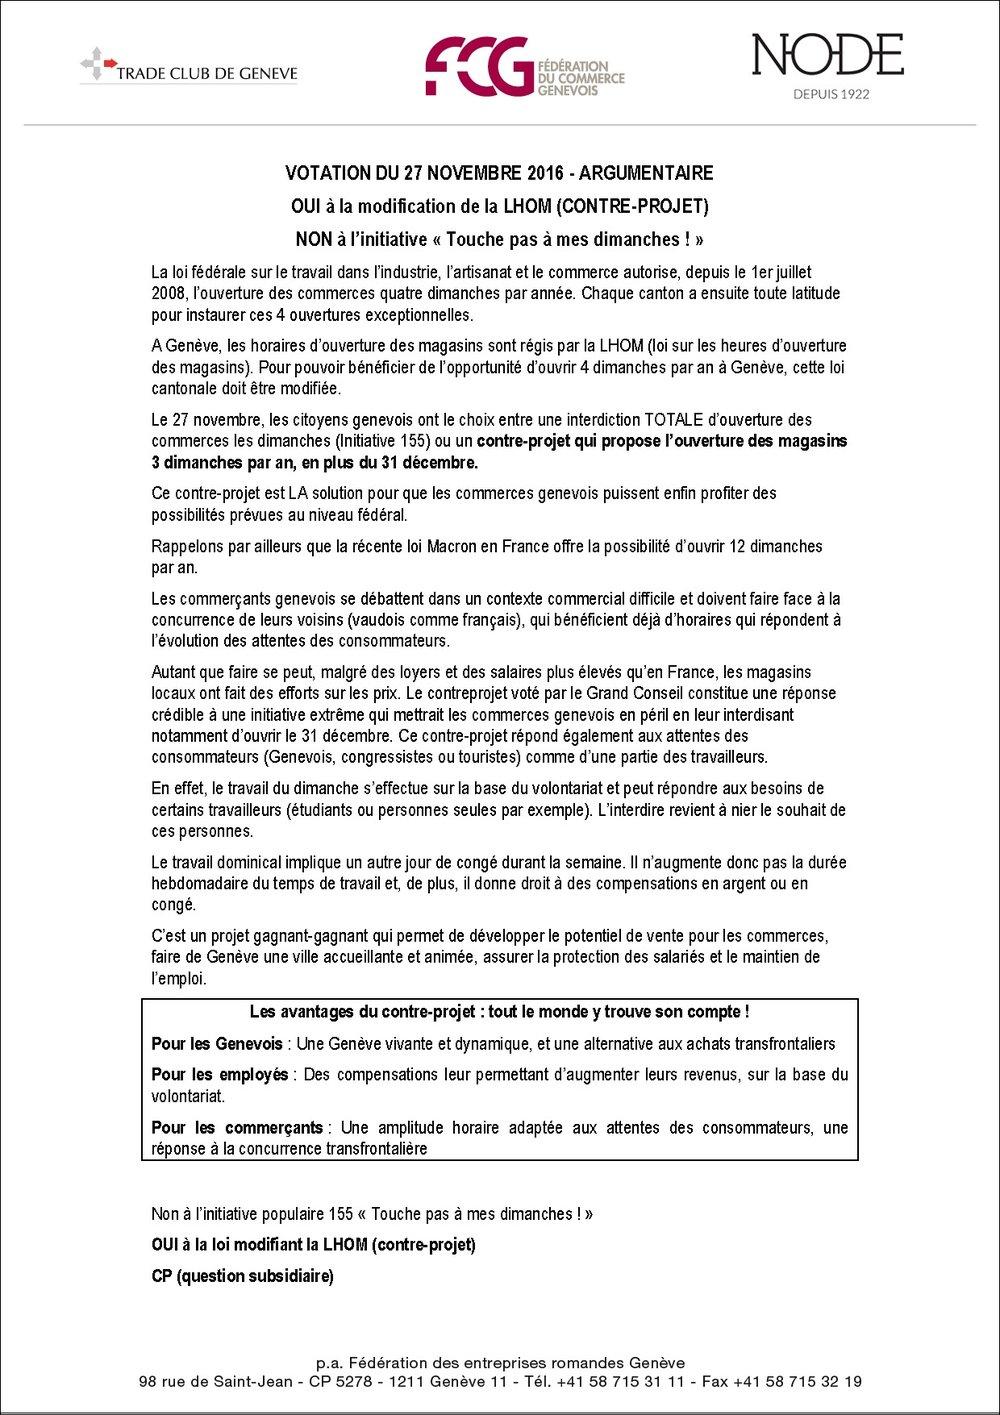 Argumentairefinal_3dimanchesplus31décembre_27112016.jpg